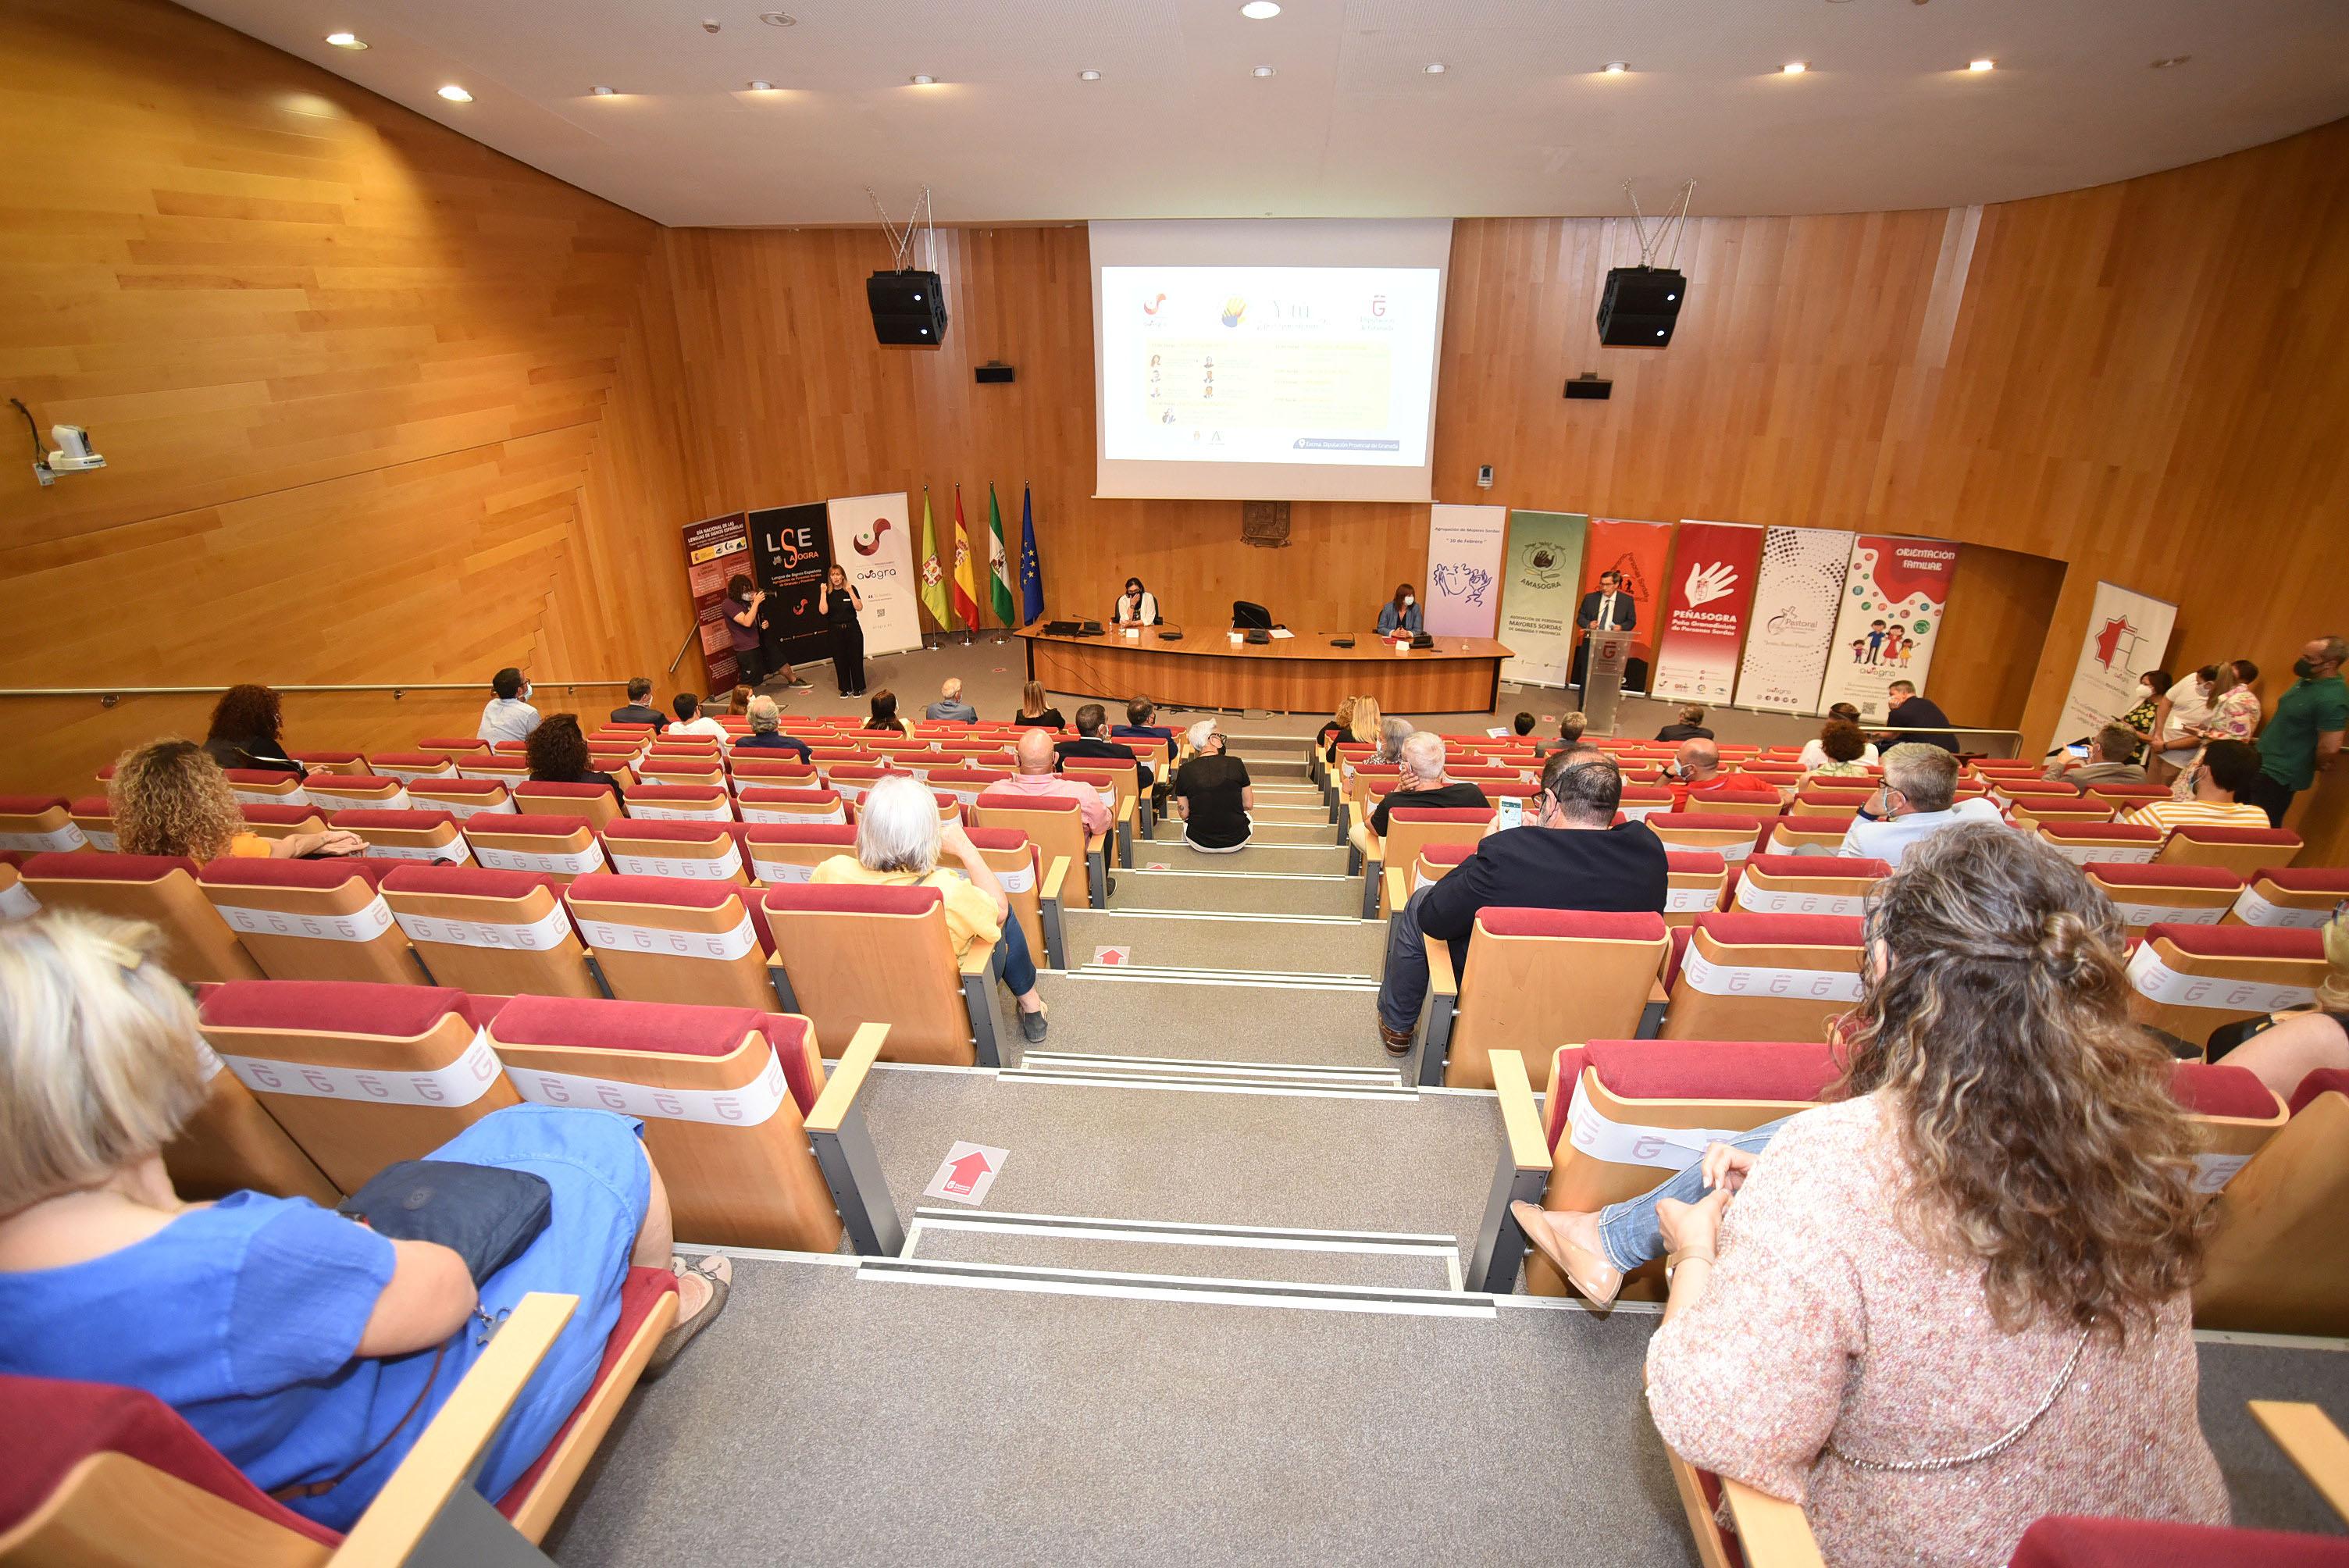 Las instituciones refuerzan su compromiso con las personas sordas en el Día Nacional de la Lengua de Signos Españolas